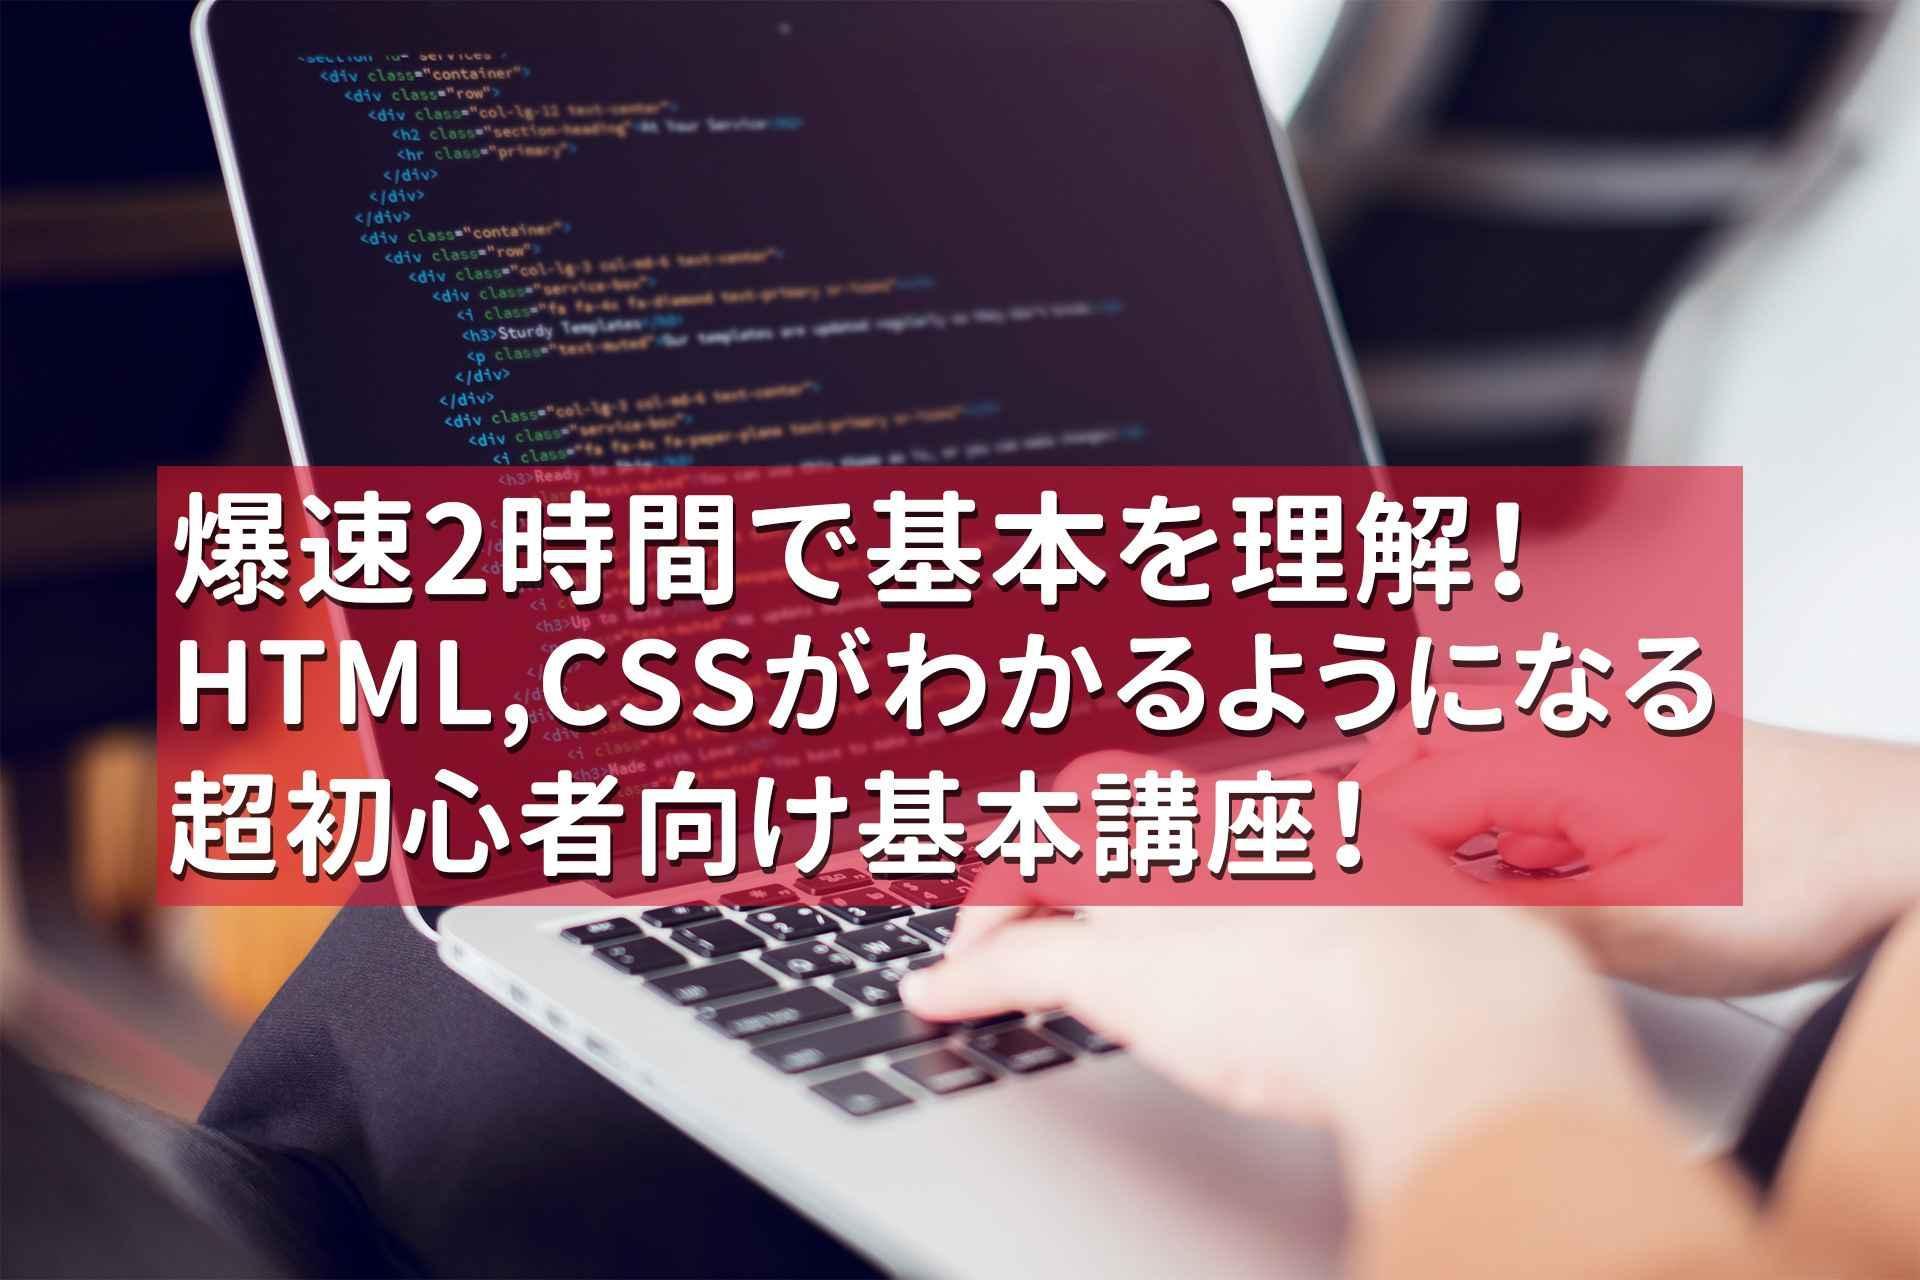 爆速2時間でHTML,CSSがわかるようになる初心者向け基本講座